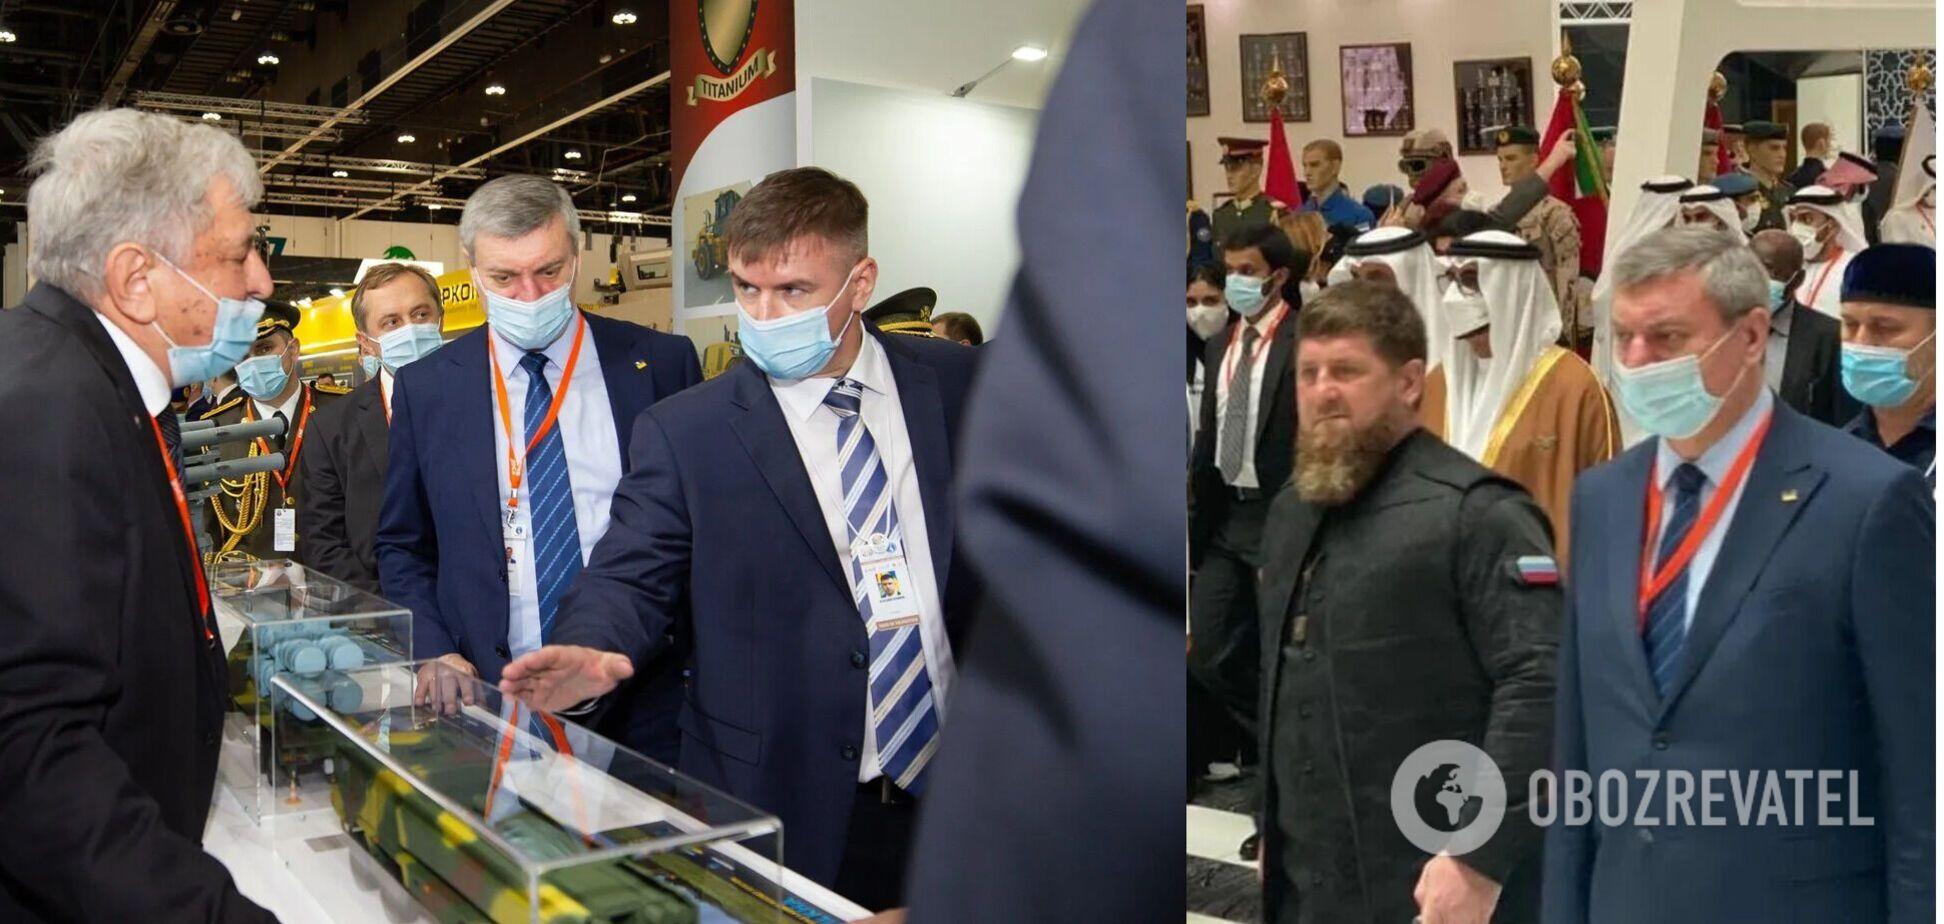 Уруский появился вместе с Кадыровым на выставке в ОАЭ: видео и новые фото